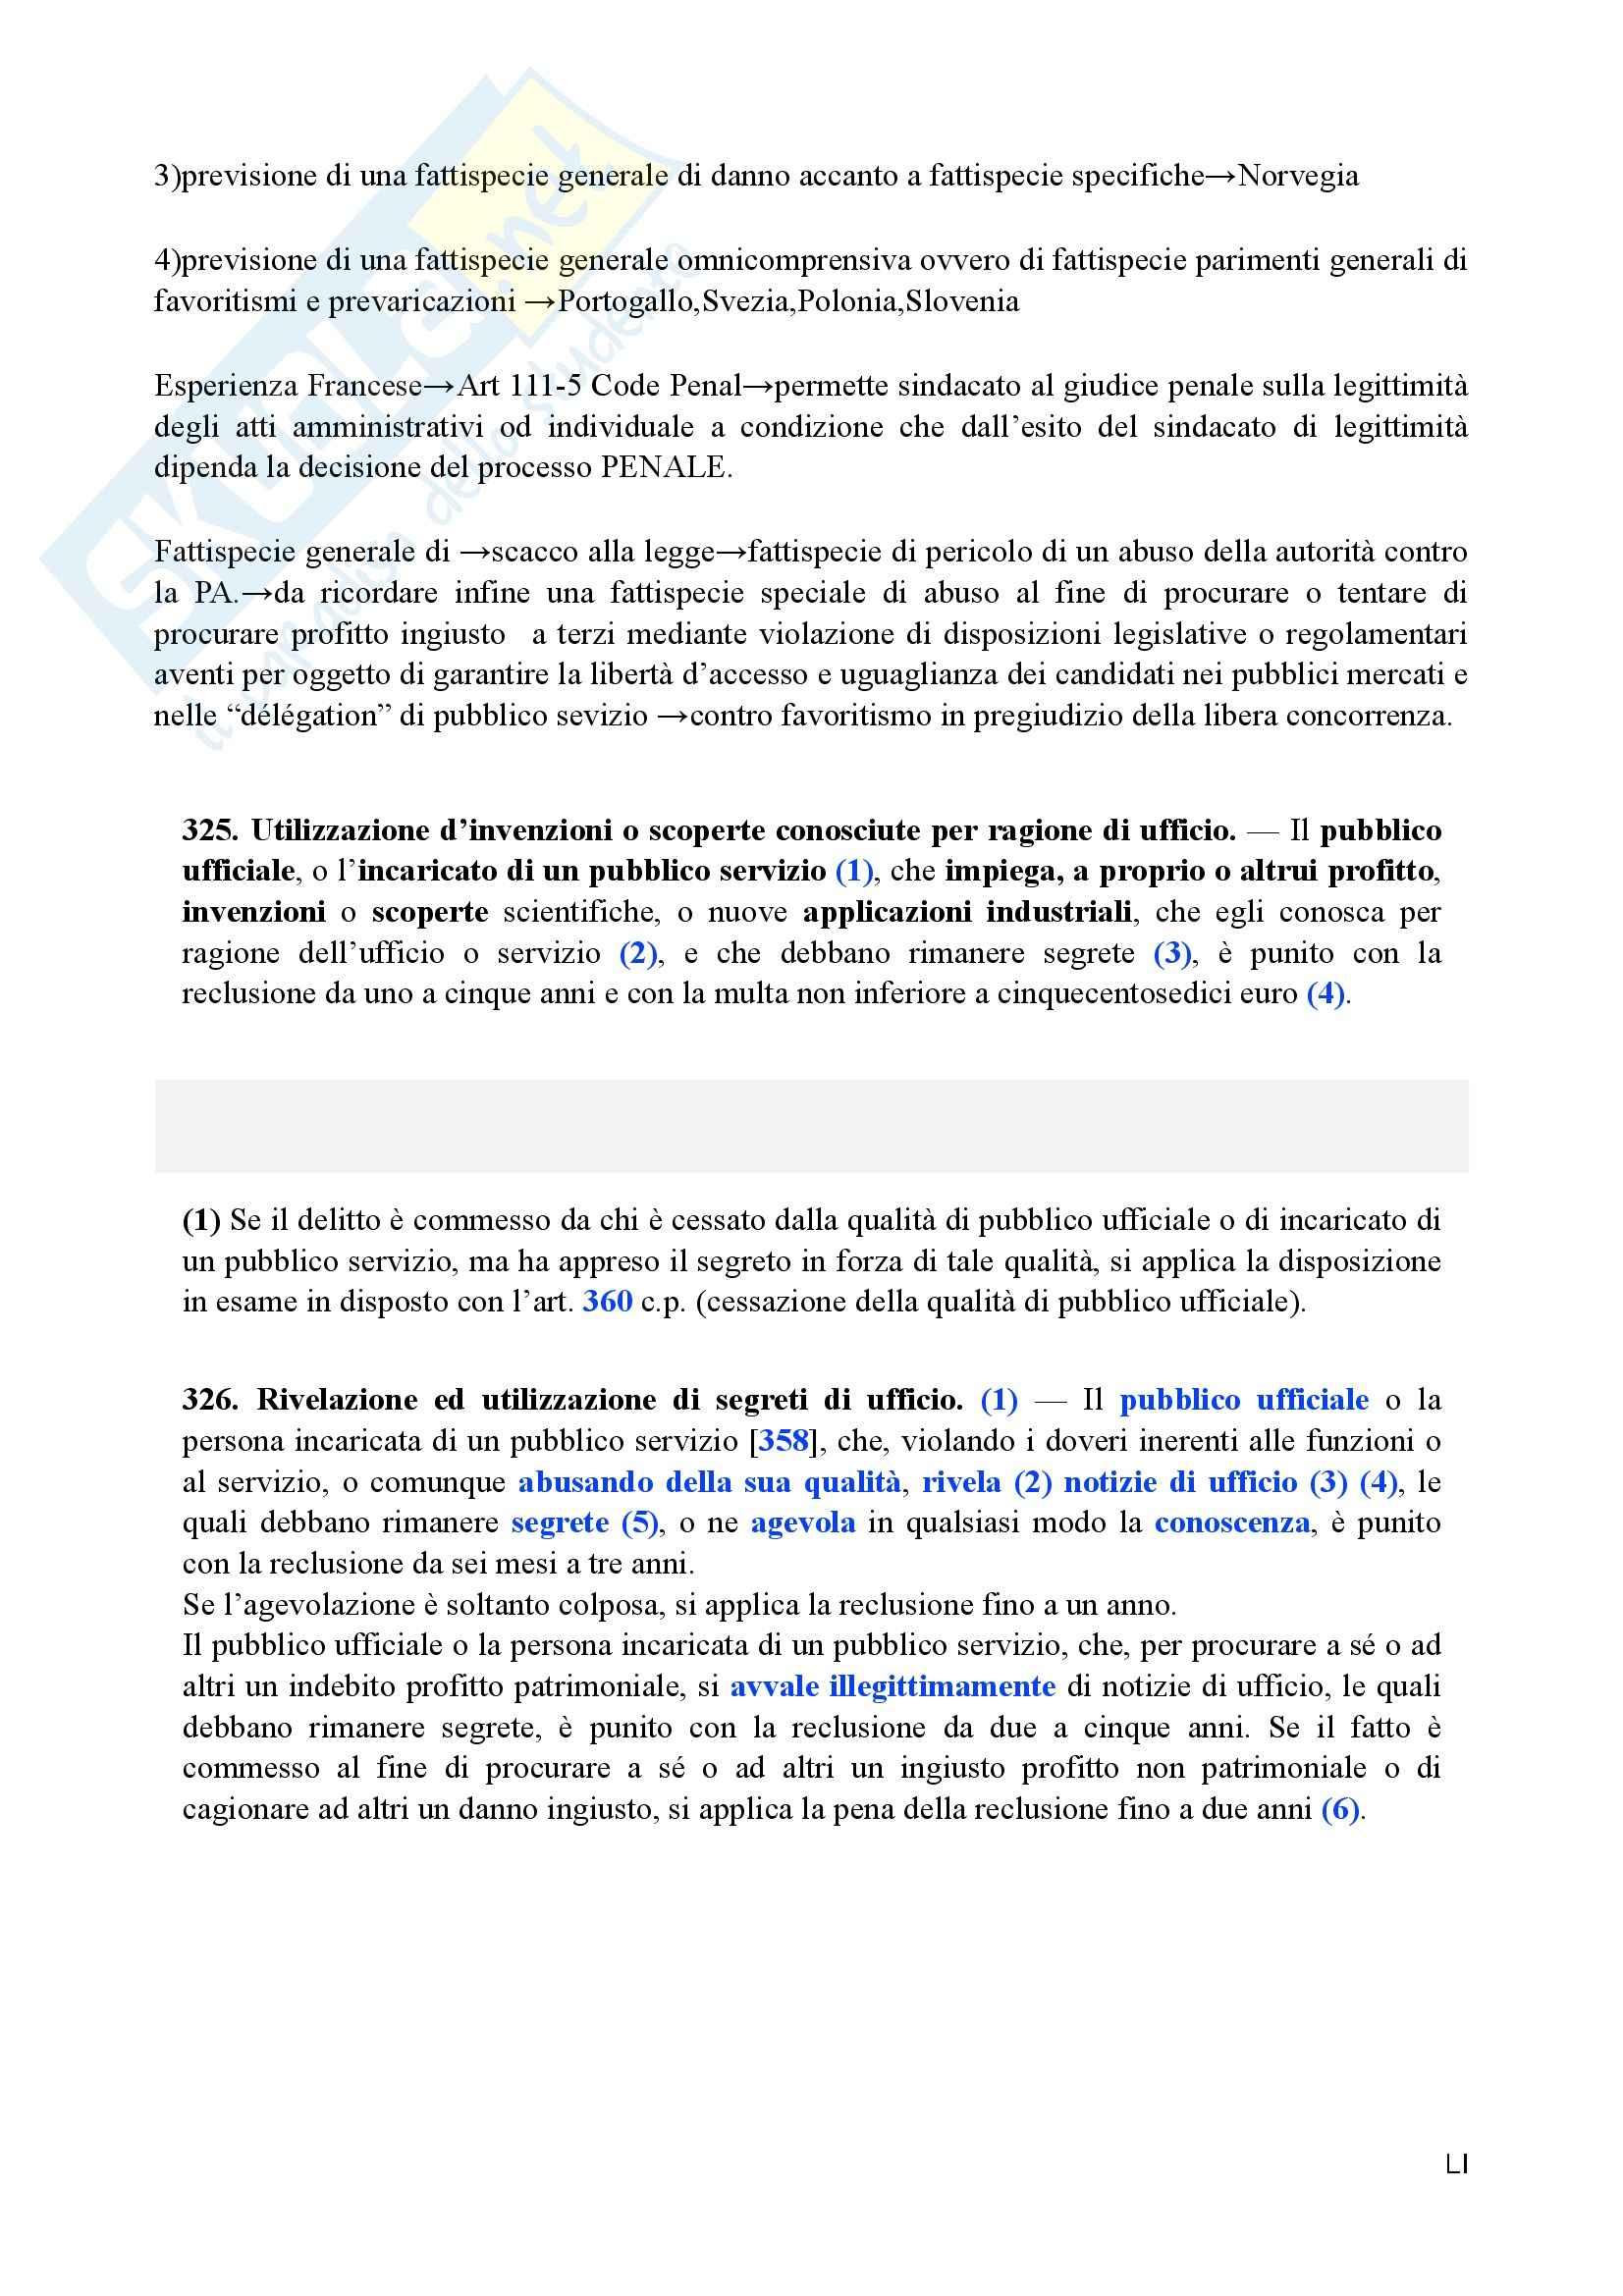 Diritto penale avanzato - i reati contro la Pubblica Amministrazione Pag. 51